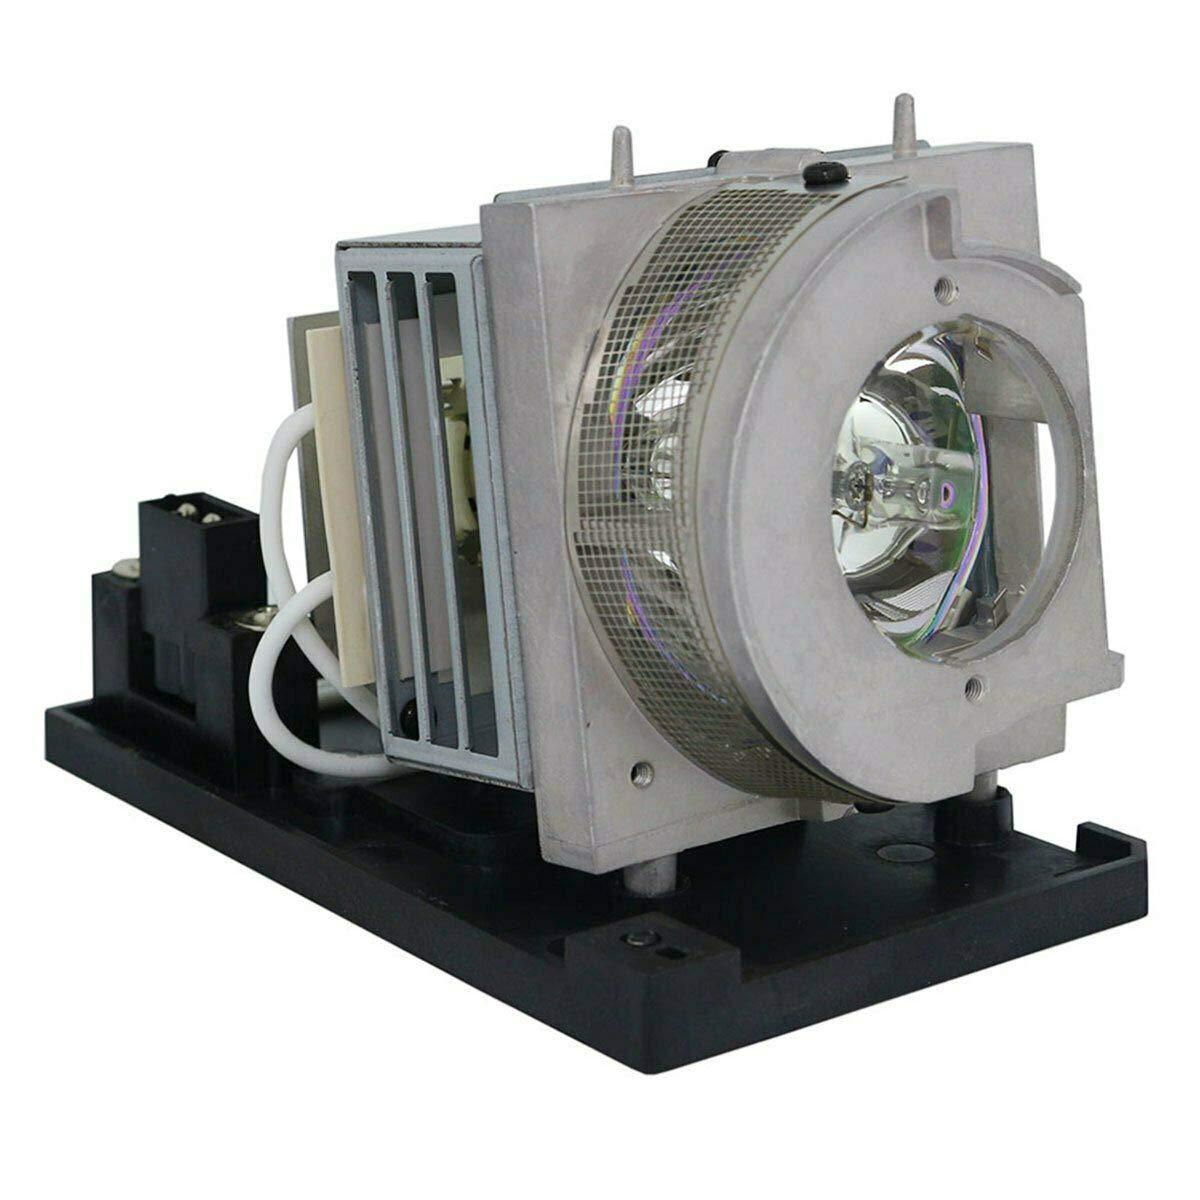 CTLAMP 725-BBDU 交換用ランプ ハウジング付き DELL 725-BBDU S560 S560P S560Tに対応   B07NVGB58D